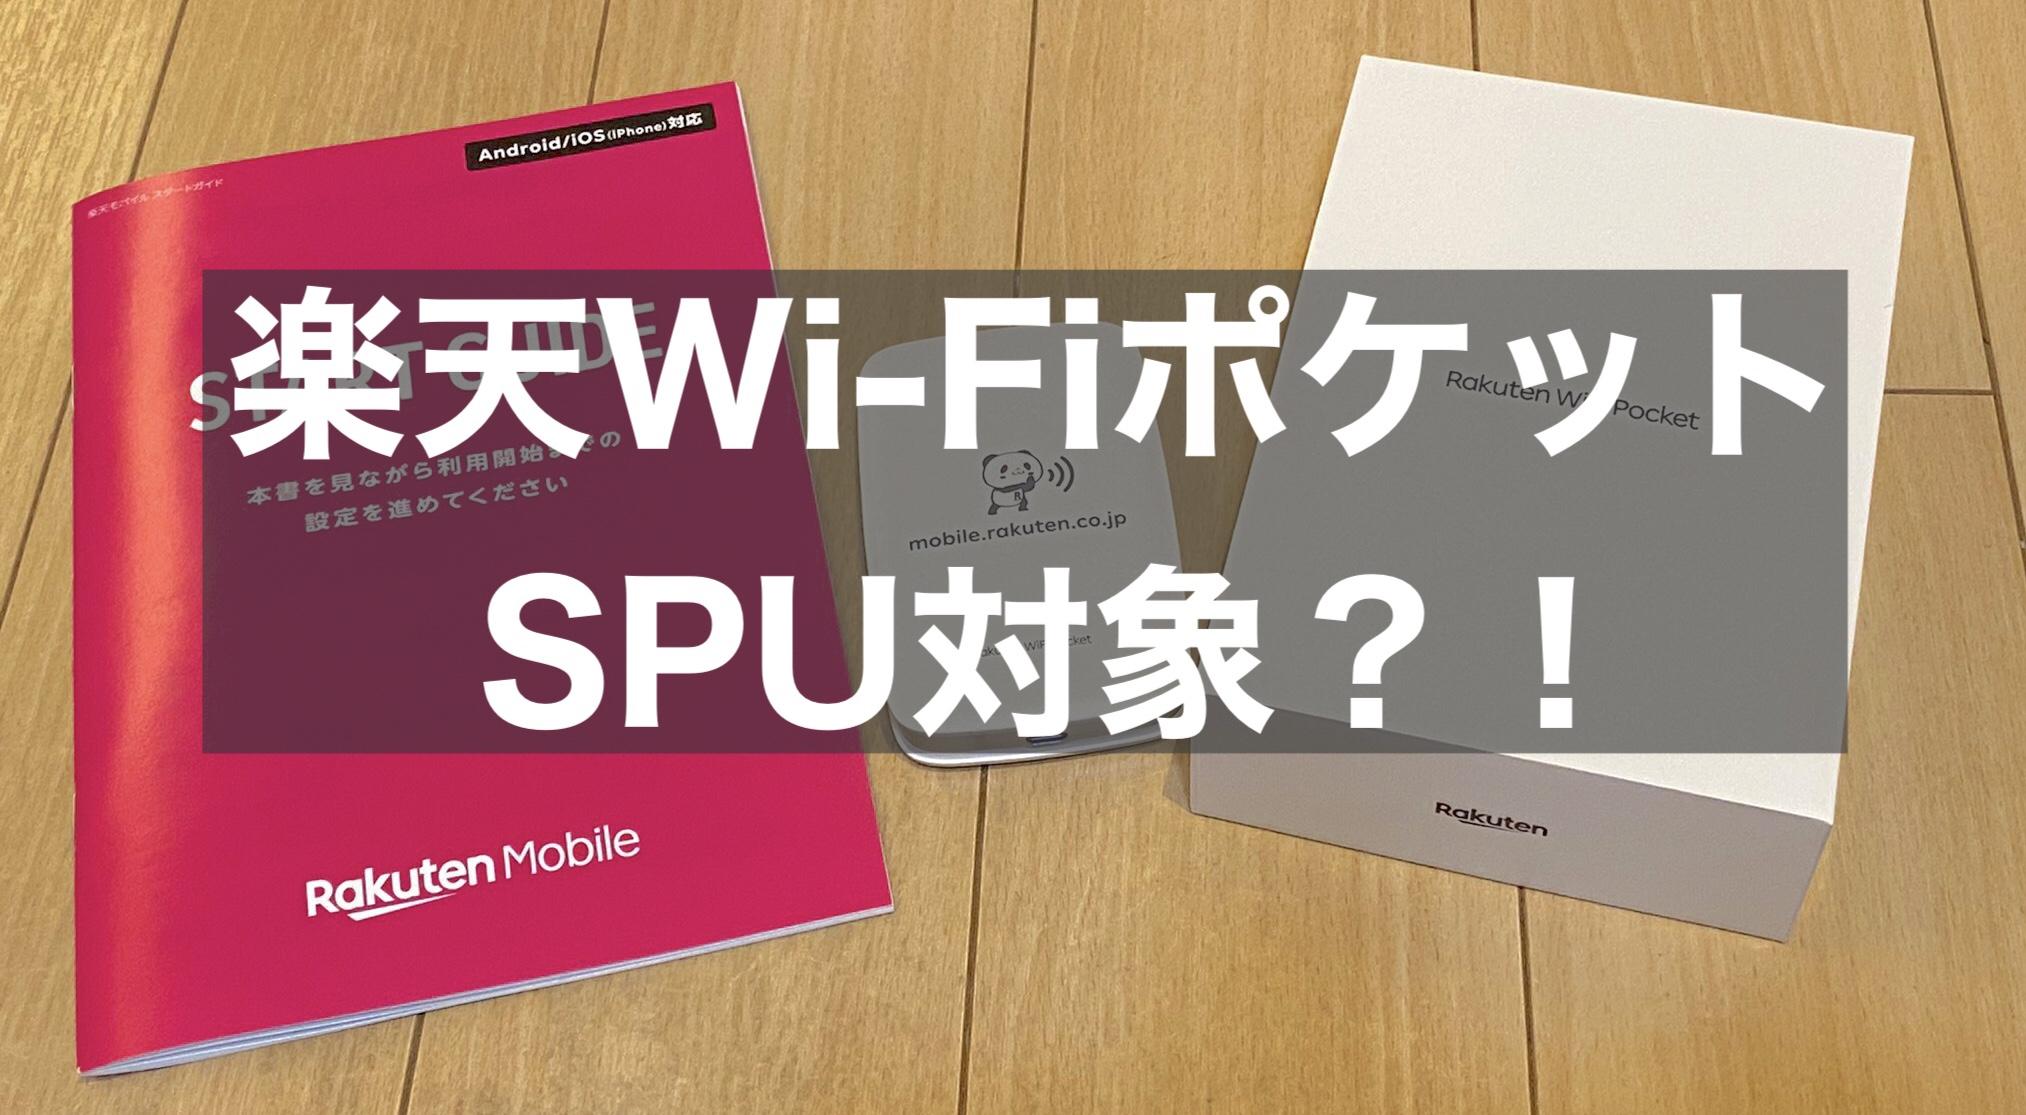 楽天モバイルのWiFiポケット契約でも楽天SPUポイント+1倍対象になったよ